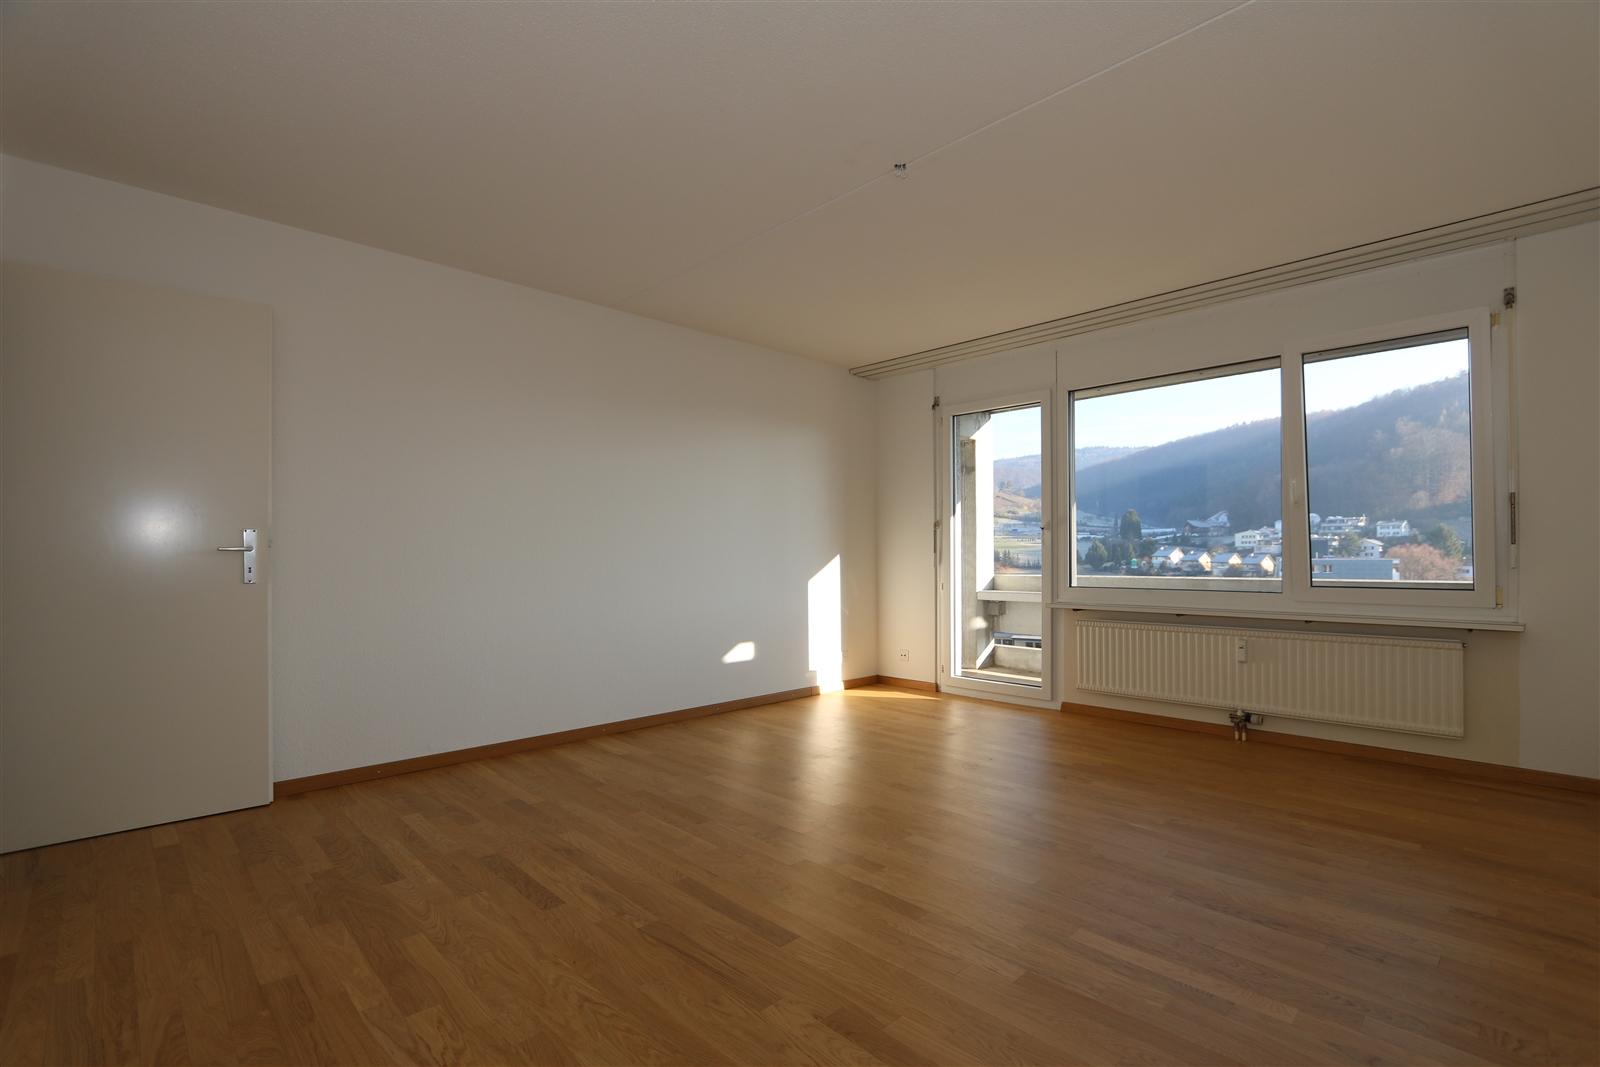 01 Interior Weiermatt - 004